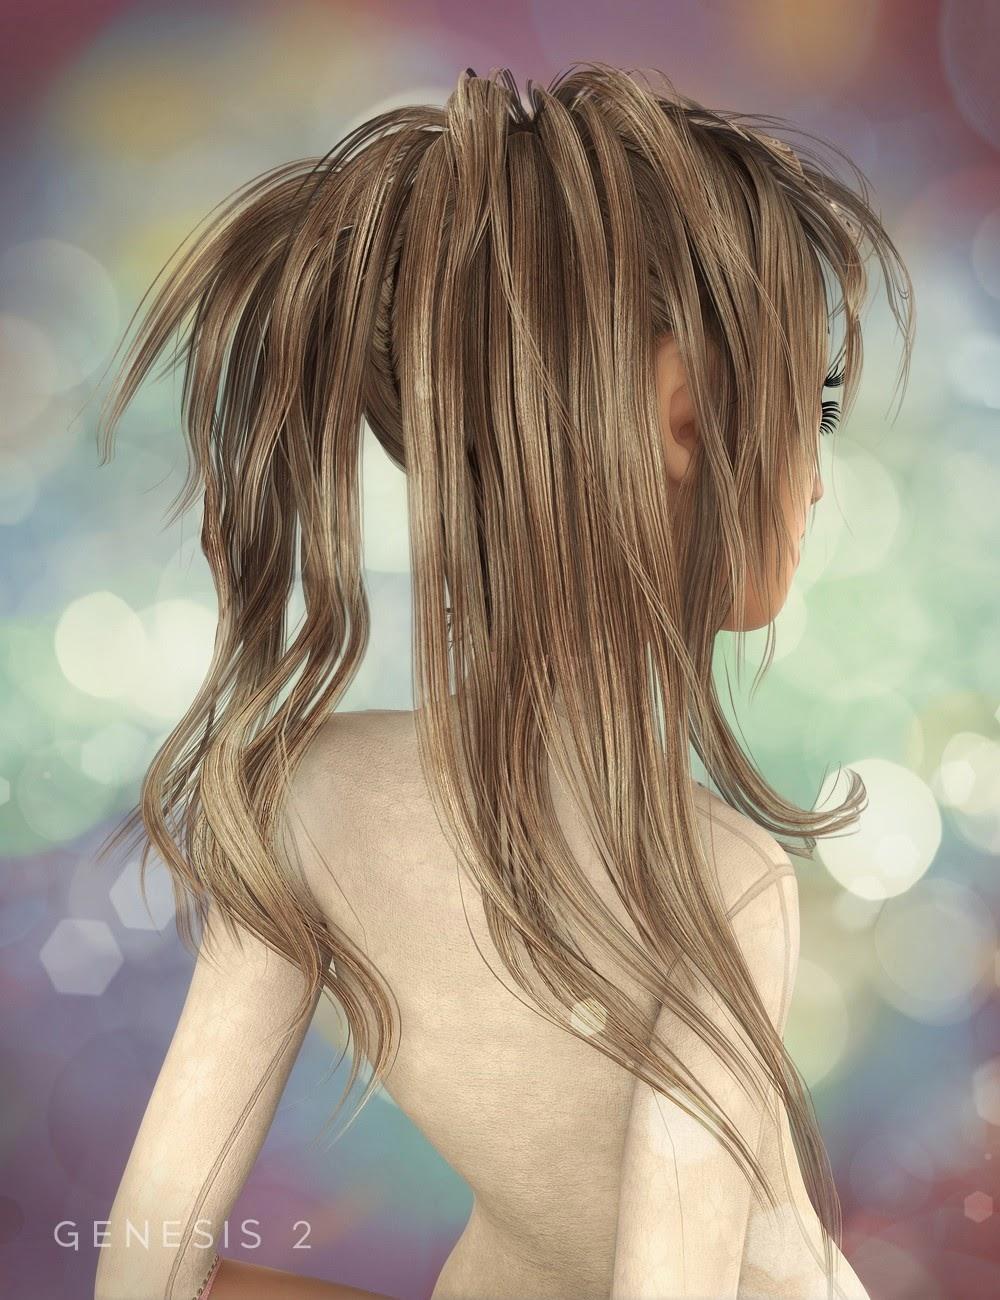 Jazmin cheveux pour Genesis 2 Femme